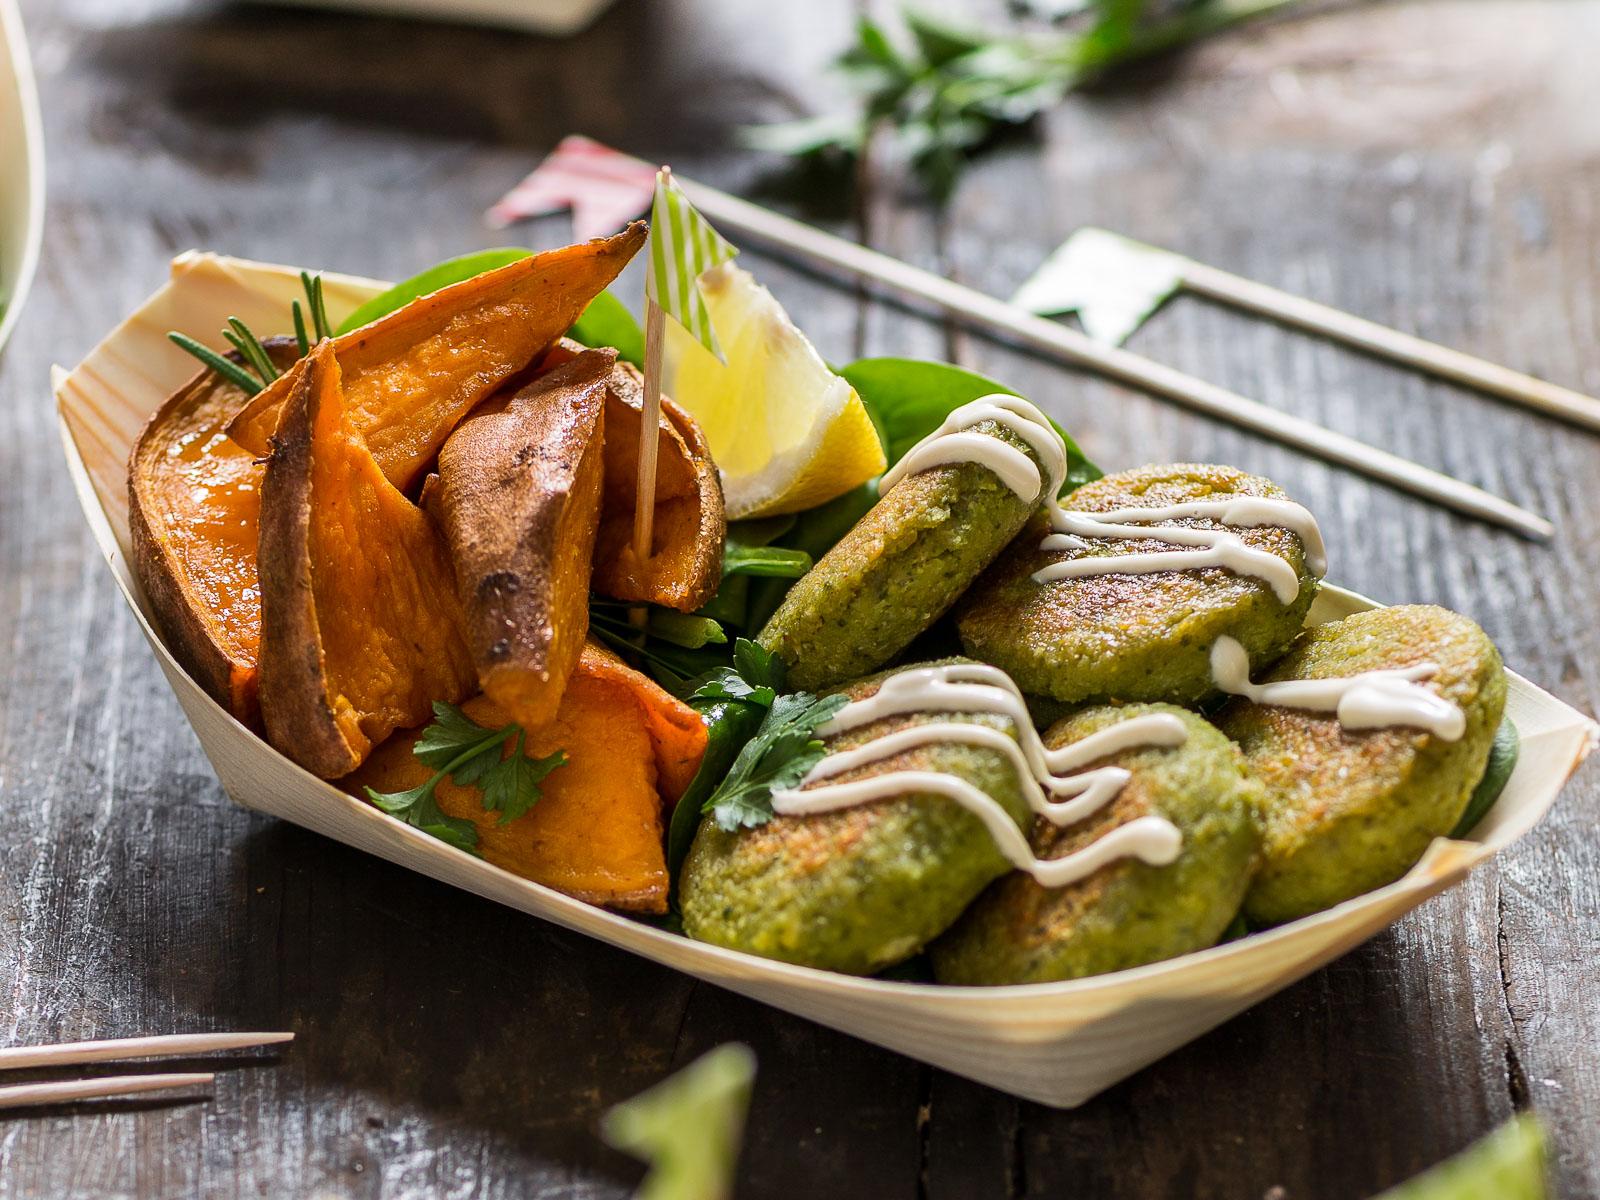 vegan gluten free falafel with tahini sauce and rosemary baked potatoes - ricetta falafel non fritti facilissimi con tahina e patate dolci al forno